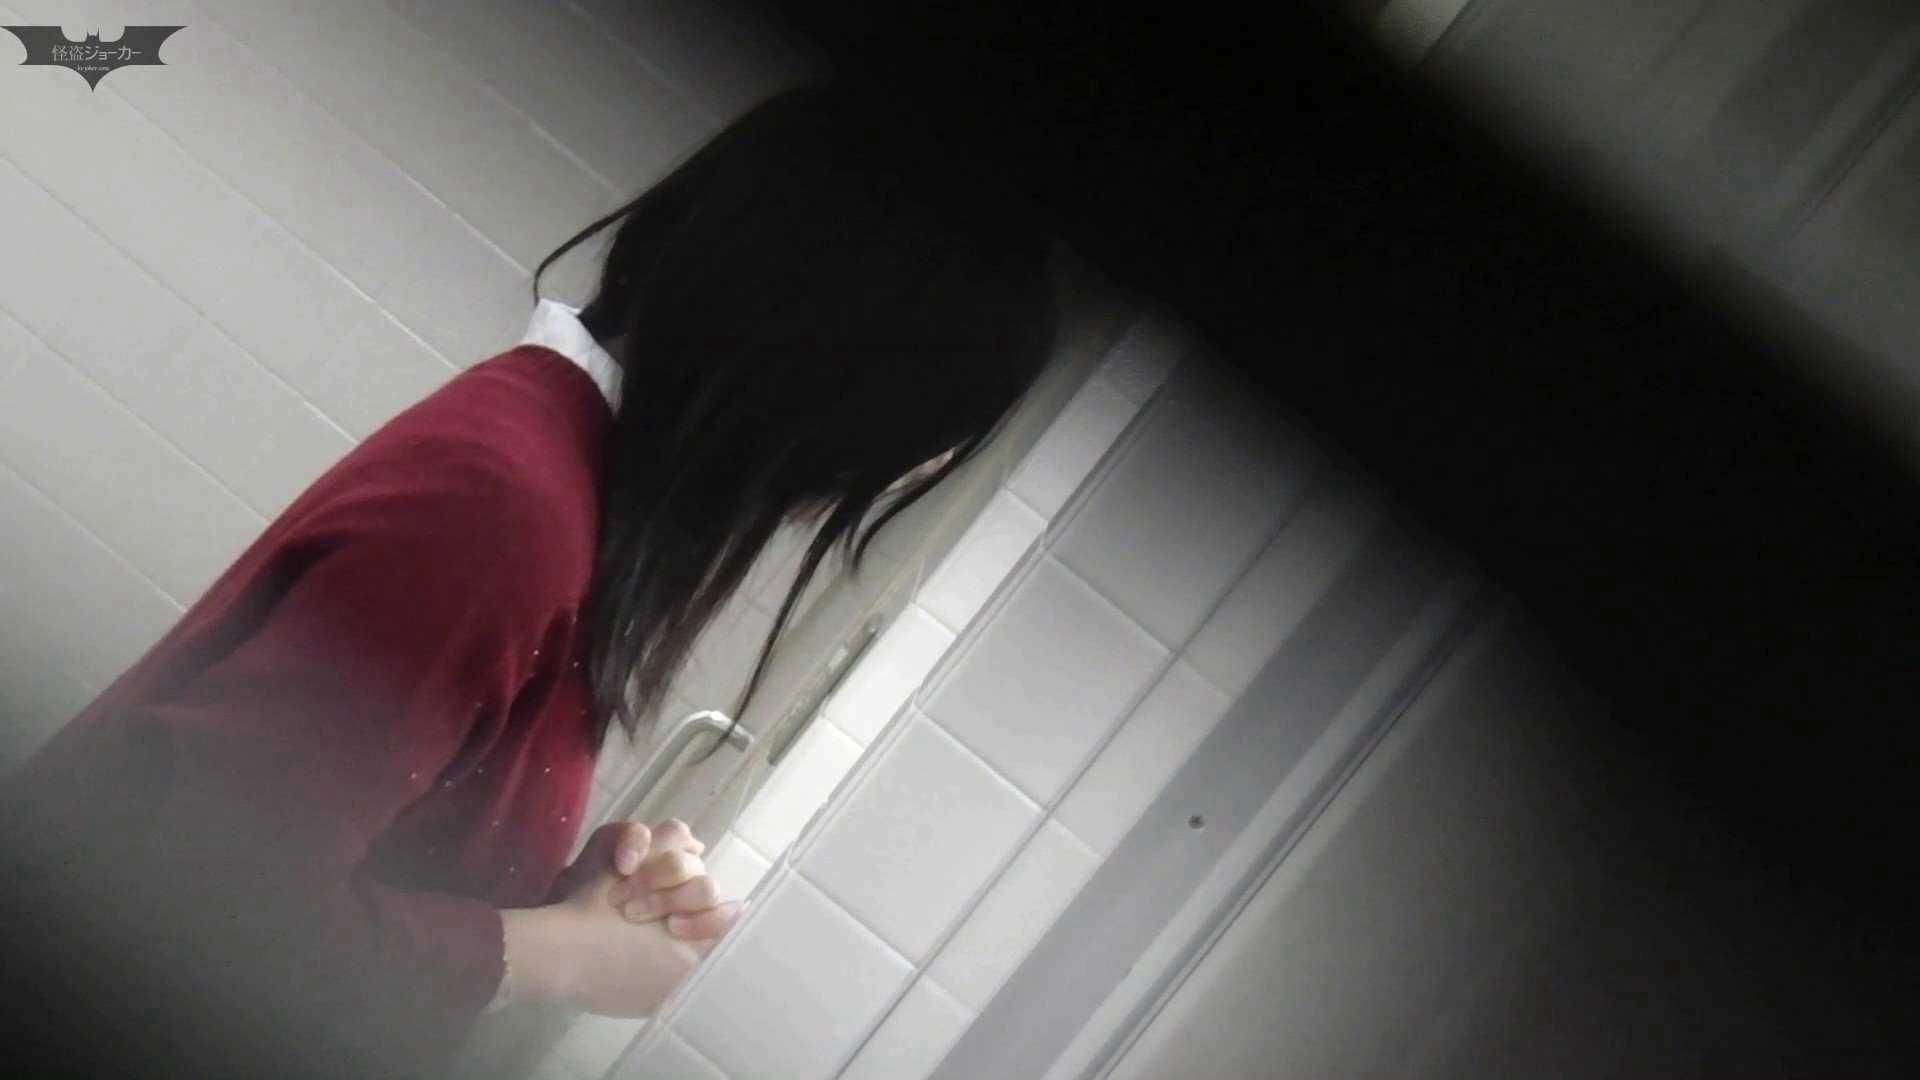 お銀さん vol.59 ピンチ!!「鏡の前で祈る女性」にばれる危機 お姉さん  98PIX 12